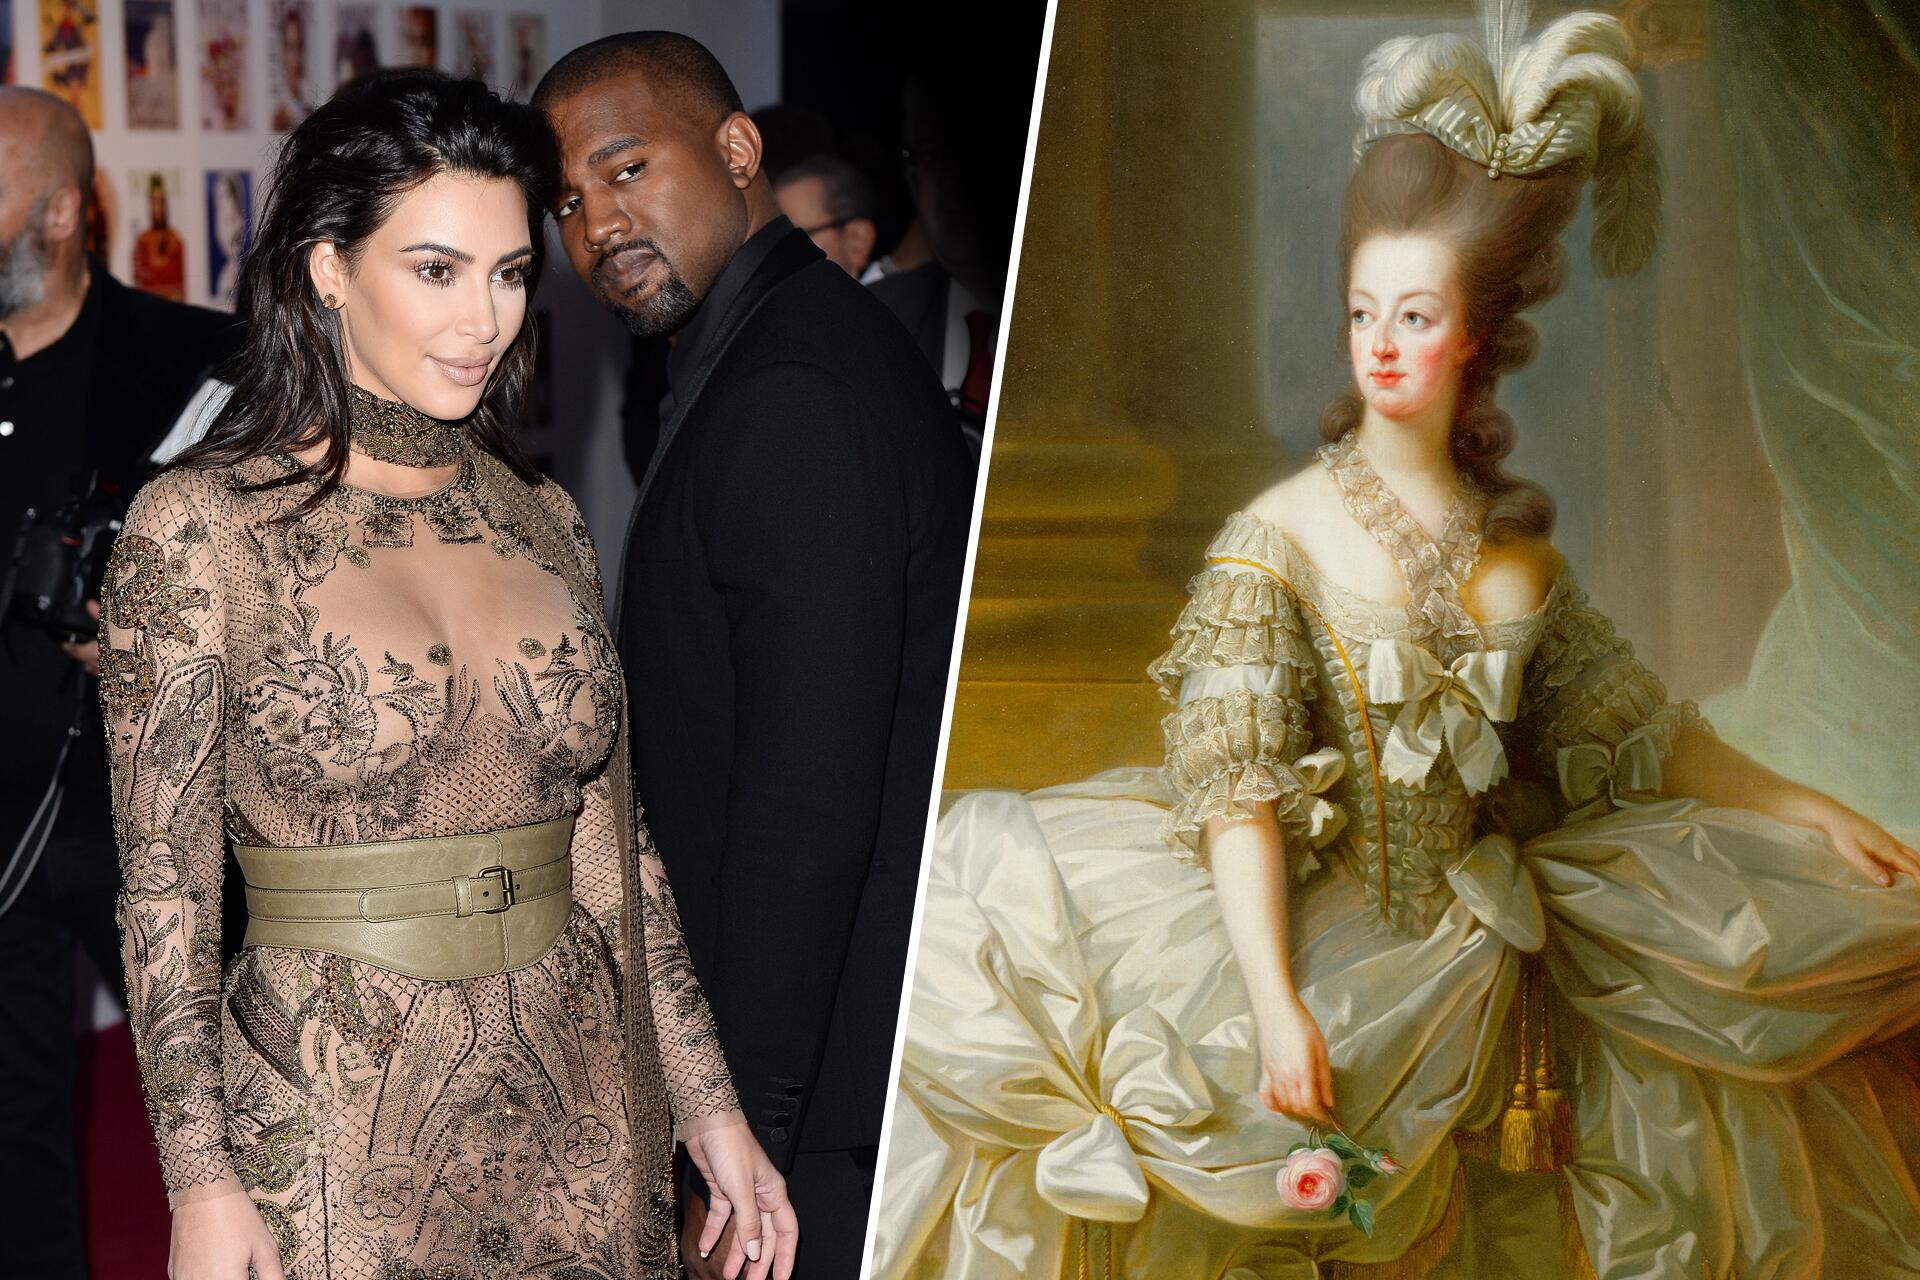 Bild zu Kanye West, Kim Kardashian, Marie Antoinette, Vergleich